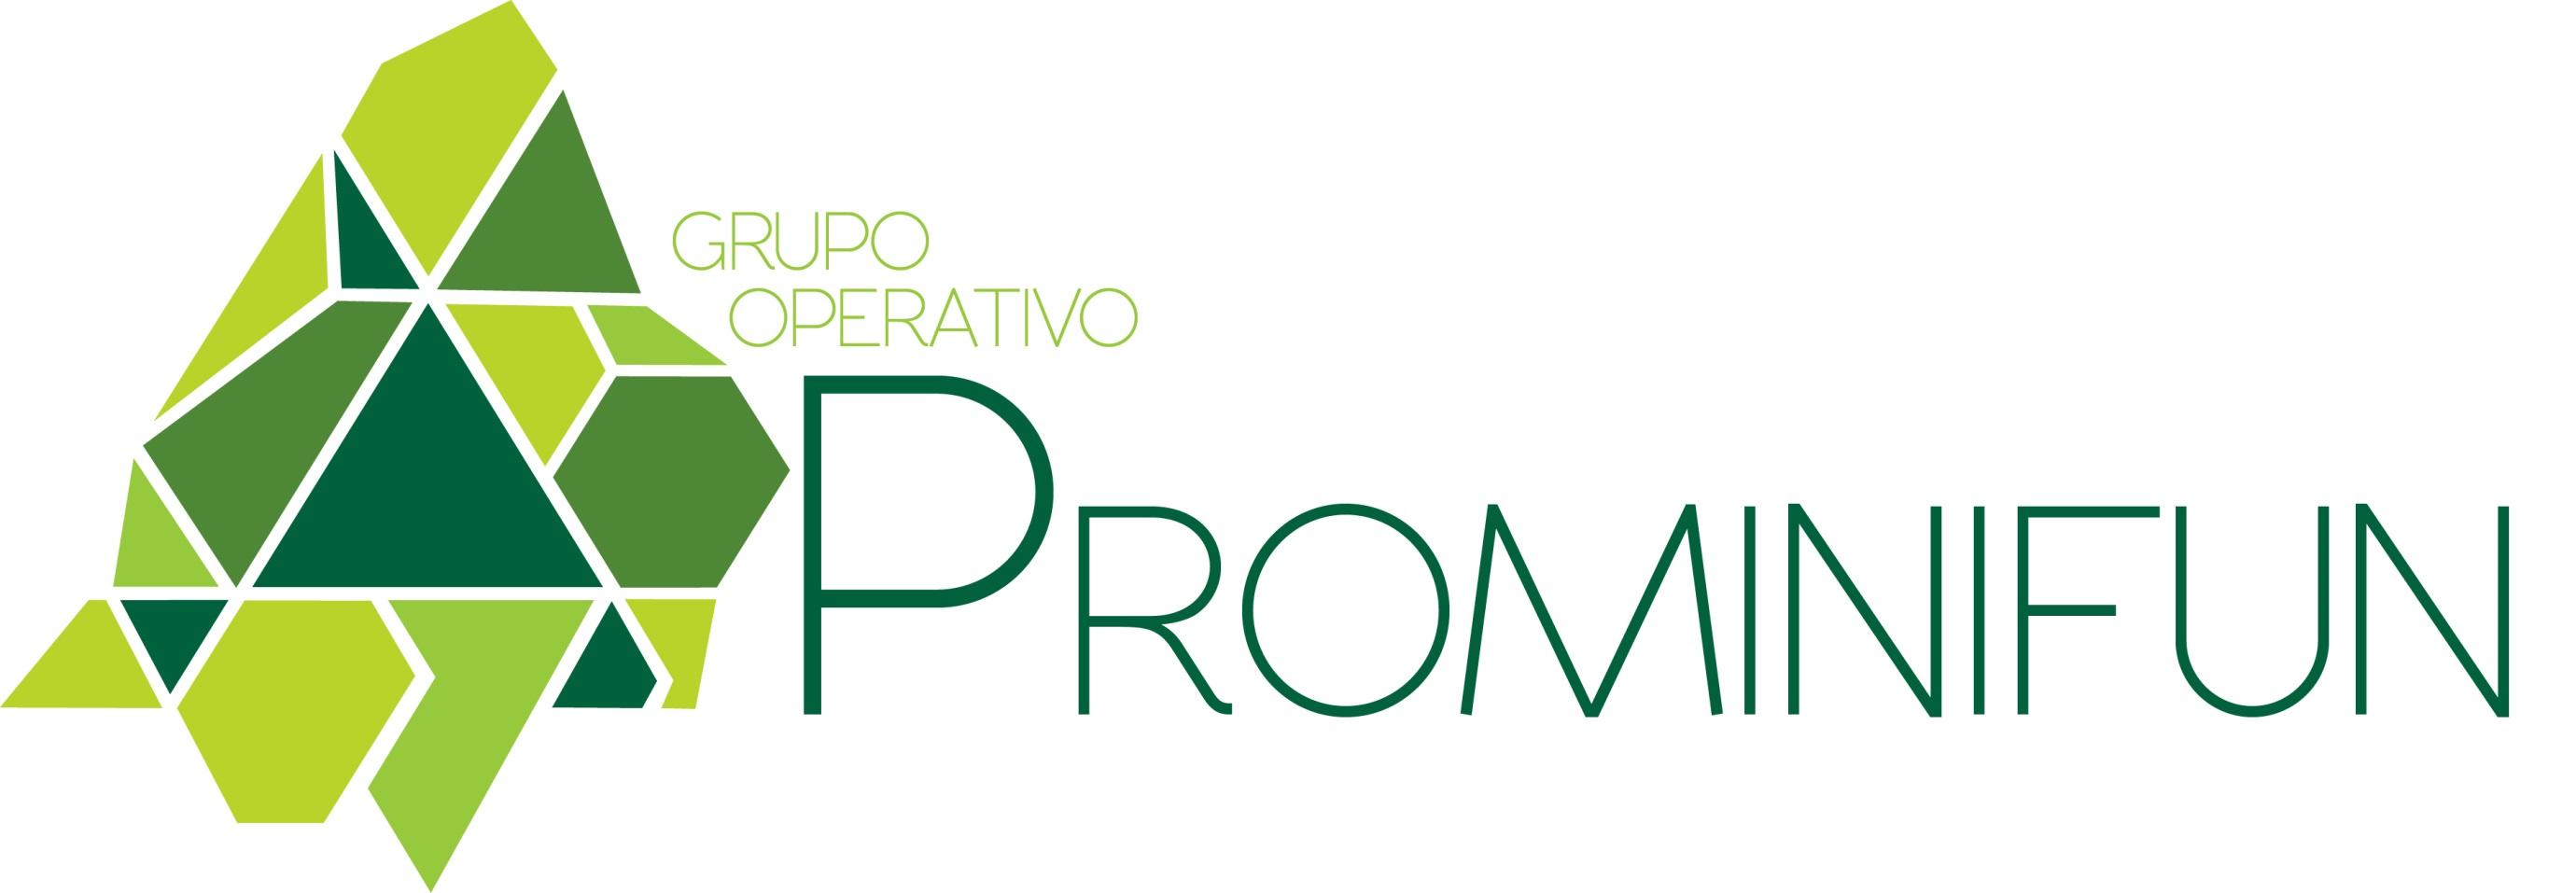 PROMINIFUN_logo